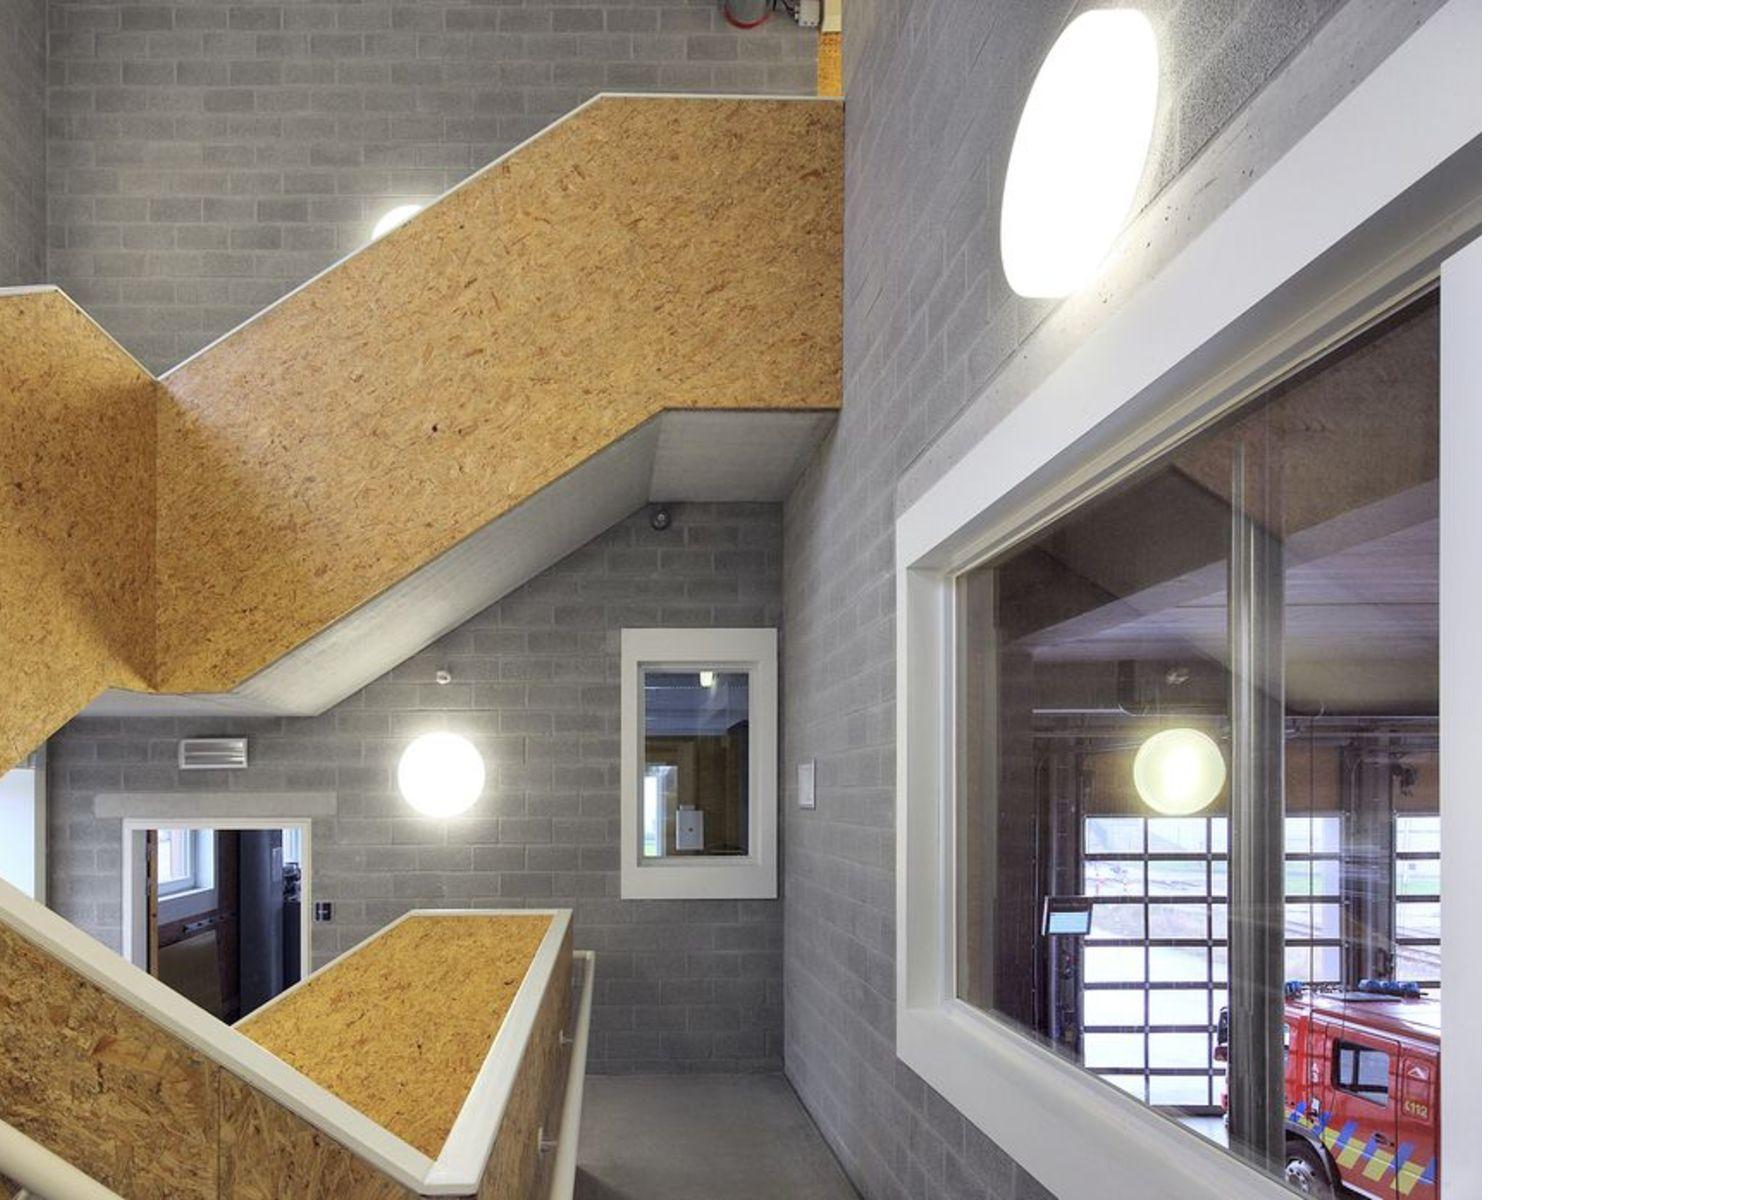 Bovenbouw: nuova stazione dei vigili del fuoco a Berendrecht